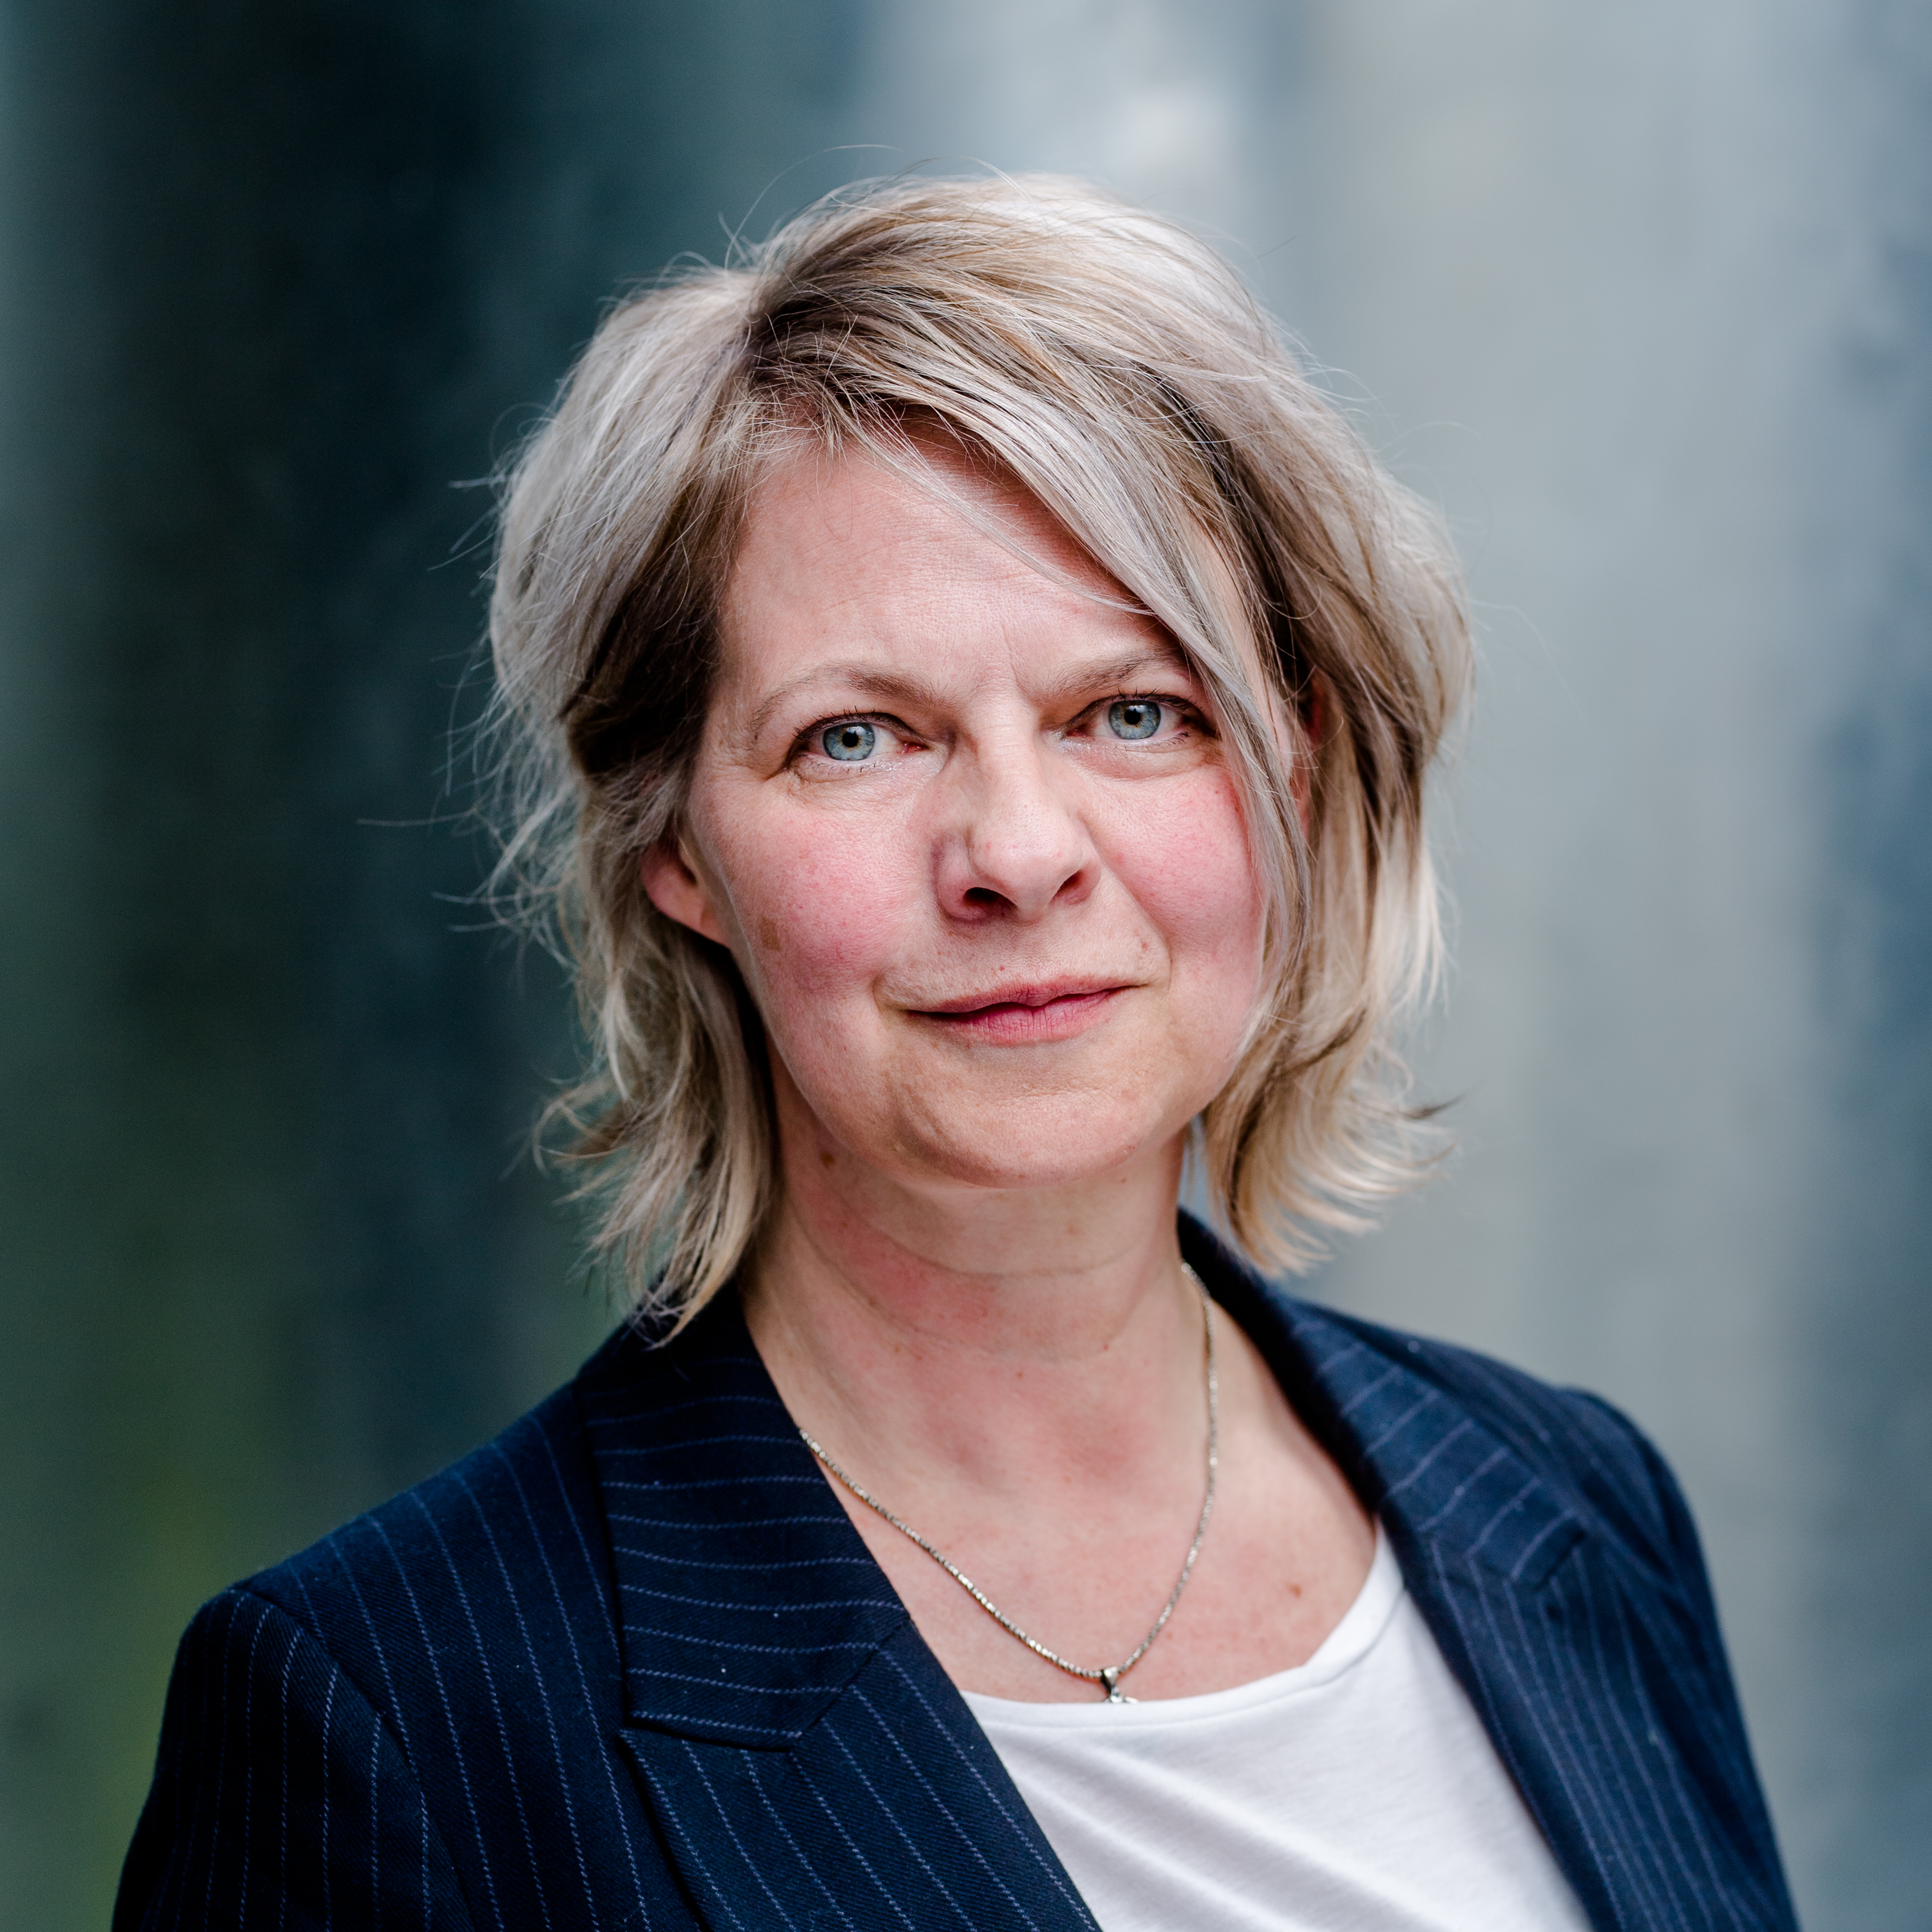 Inge Asmus